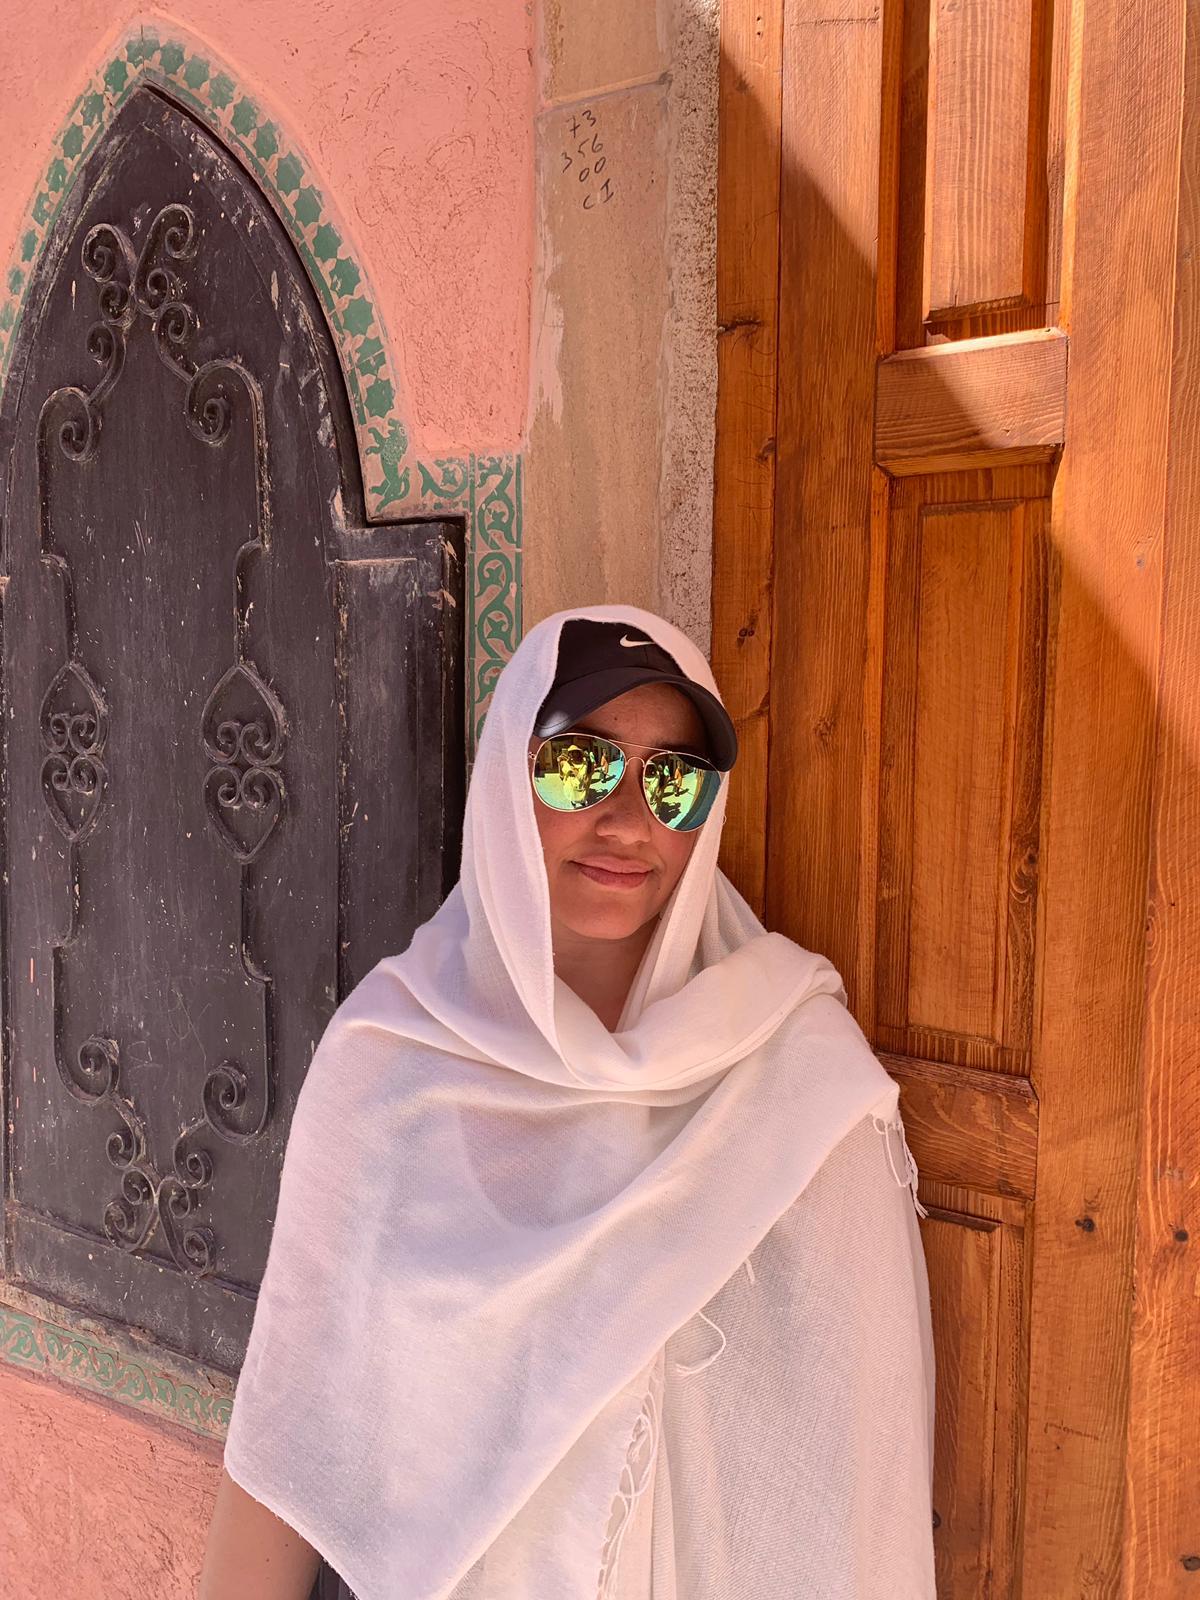 Adalgisa D. - May 2019 Morocco WanderFULL Retreat